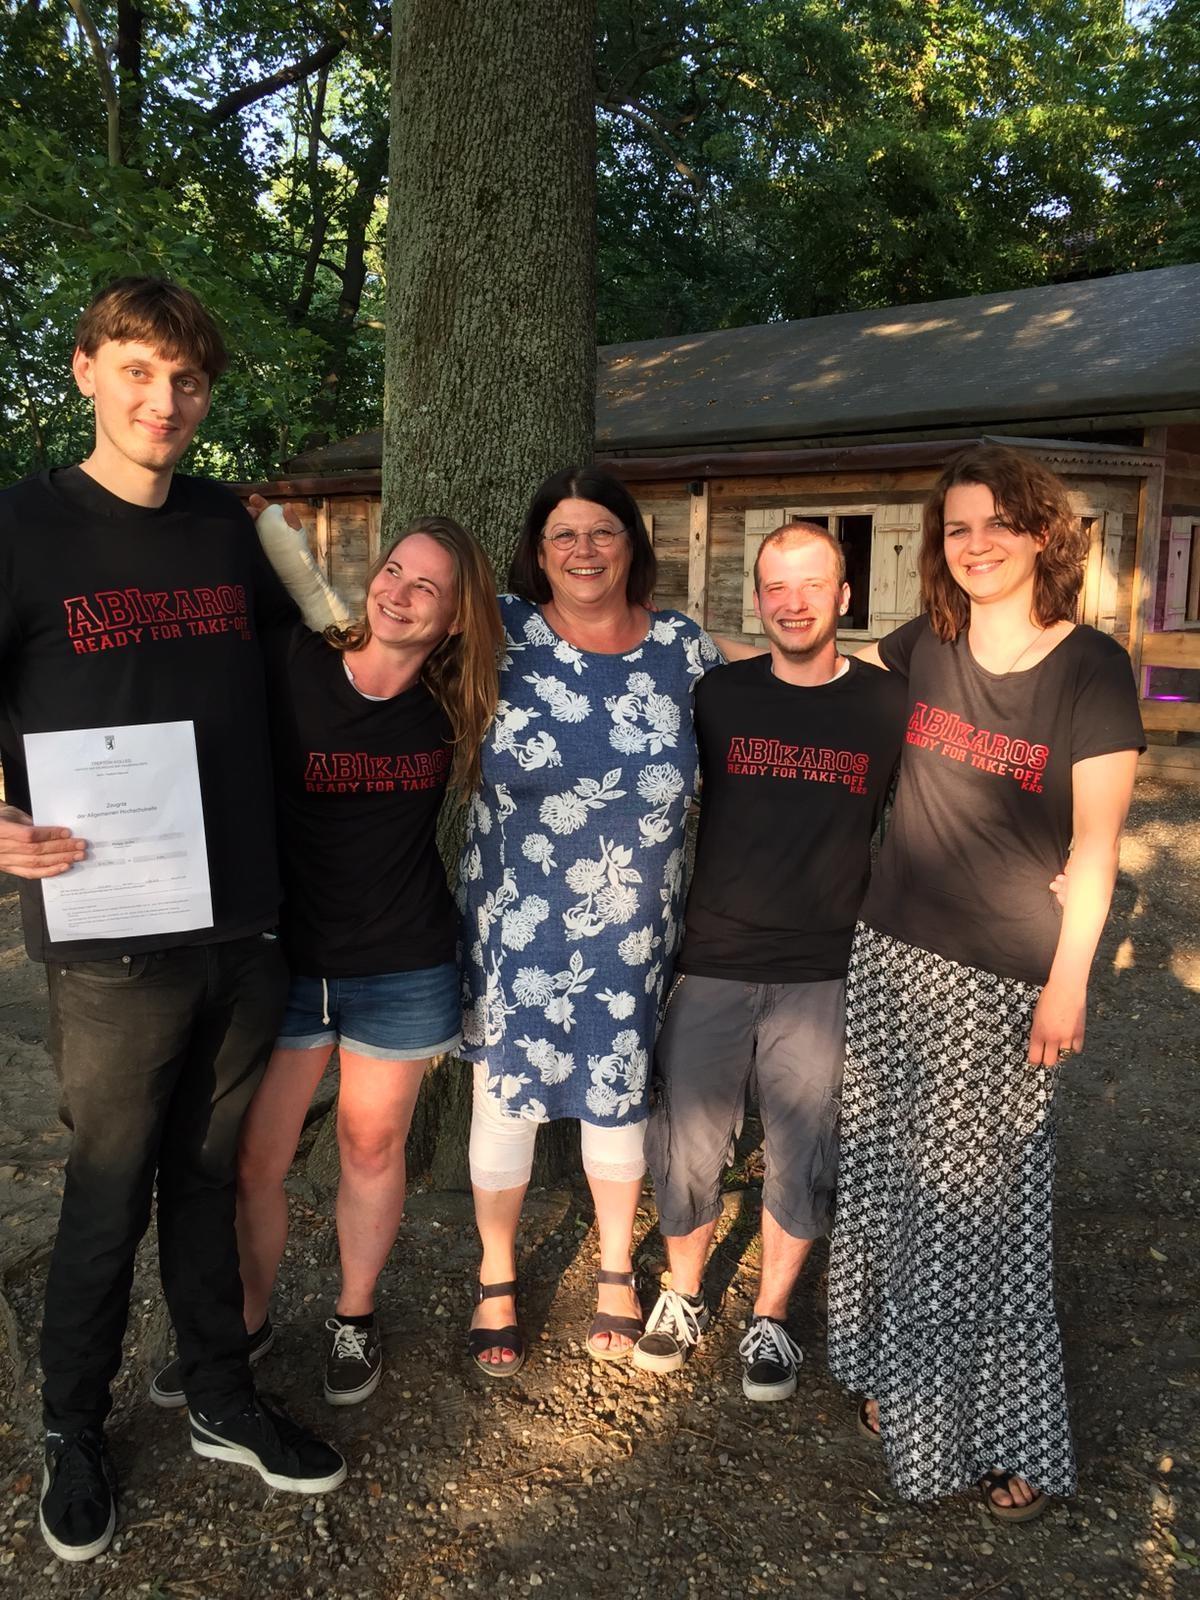 Ikaros-Stipendiat*innen Schul(jahres)abschlussfeier 2019